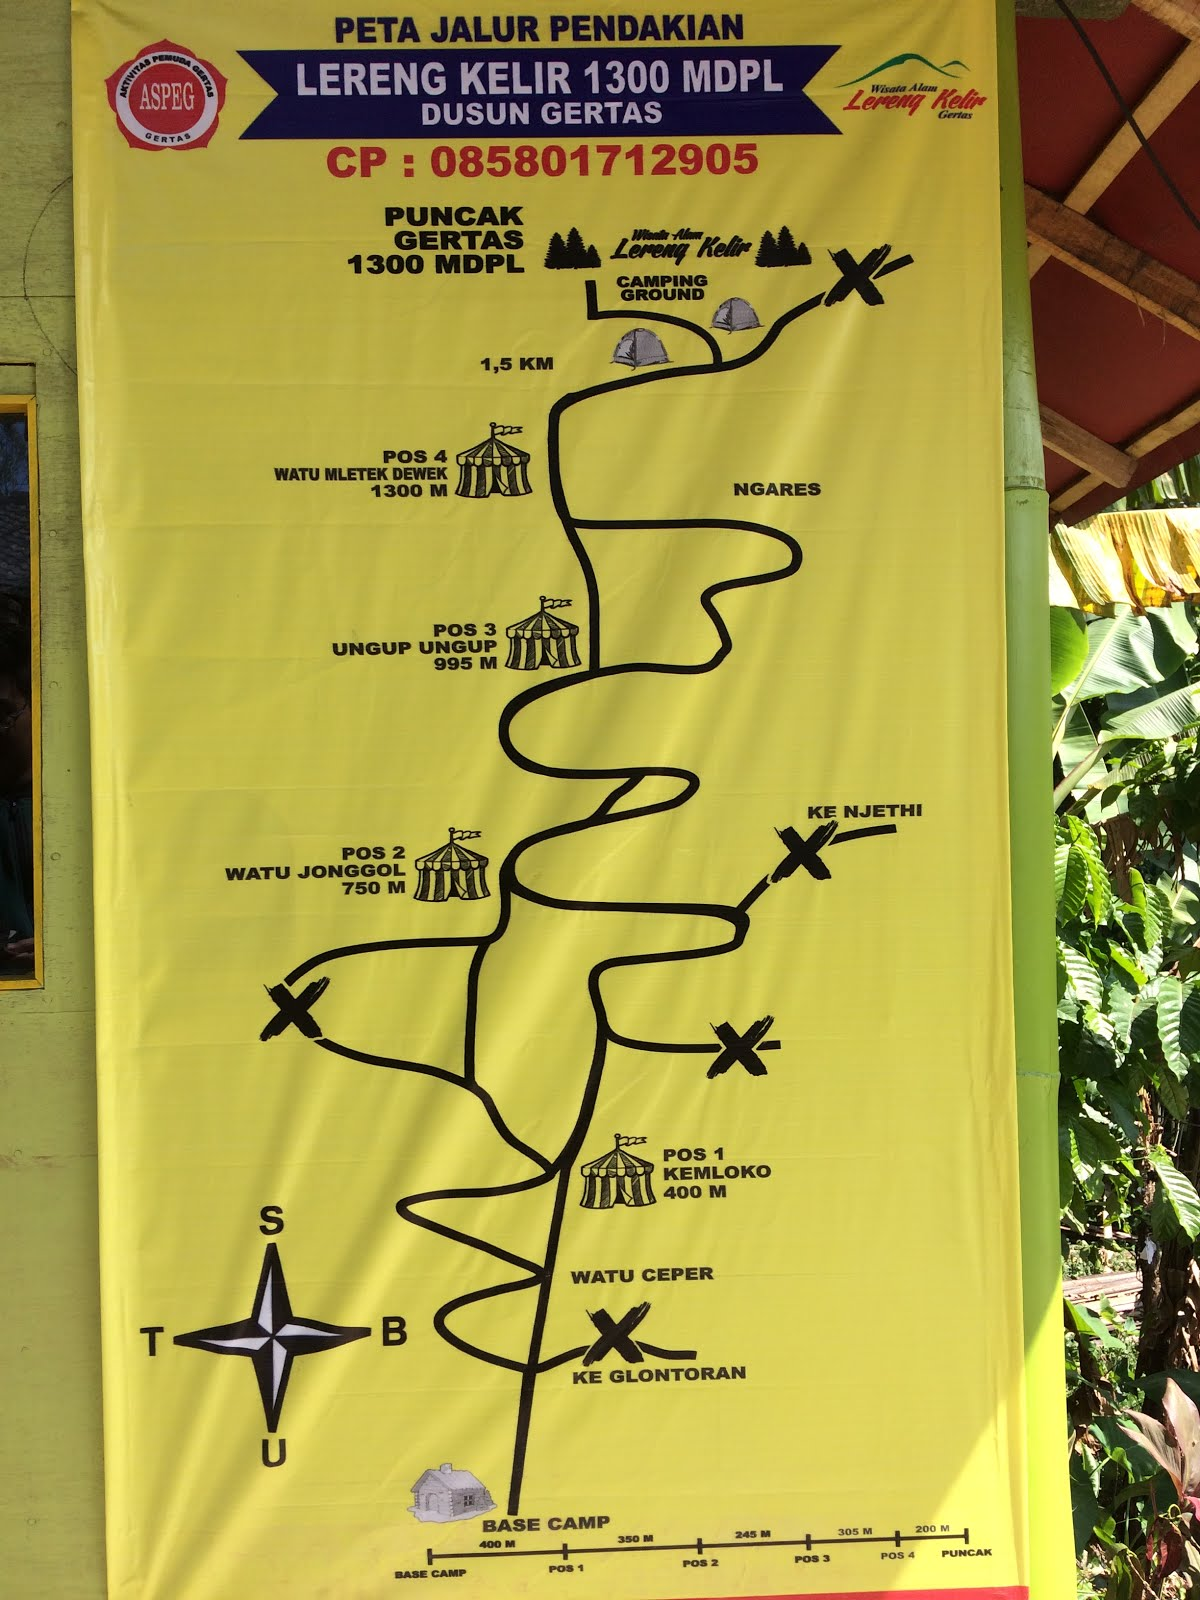 Wisata Lereng Kelir Pilihan Menikmati Keindahan Kabupaten Teman Menghabiskan Waktu